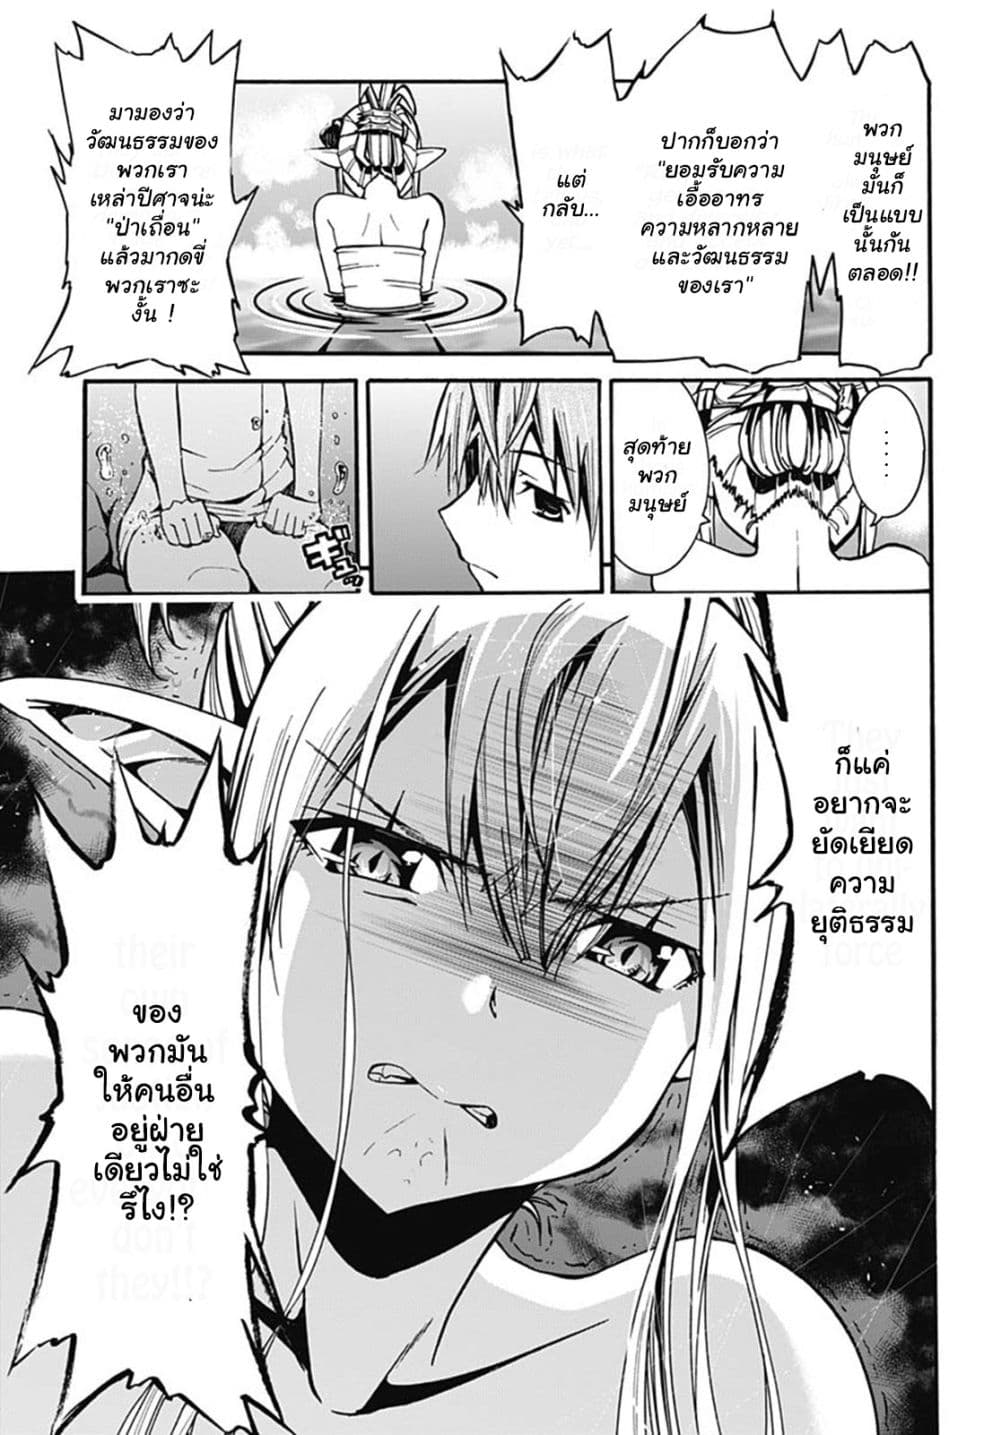 อ่านการ์ตูน Wazawaitsu Wanashi no Yuusha kari ตอนที่ 3 หน้าที่ 61